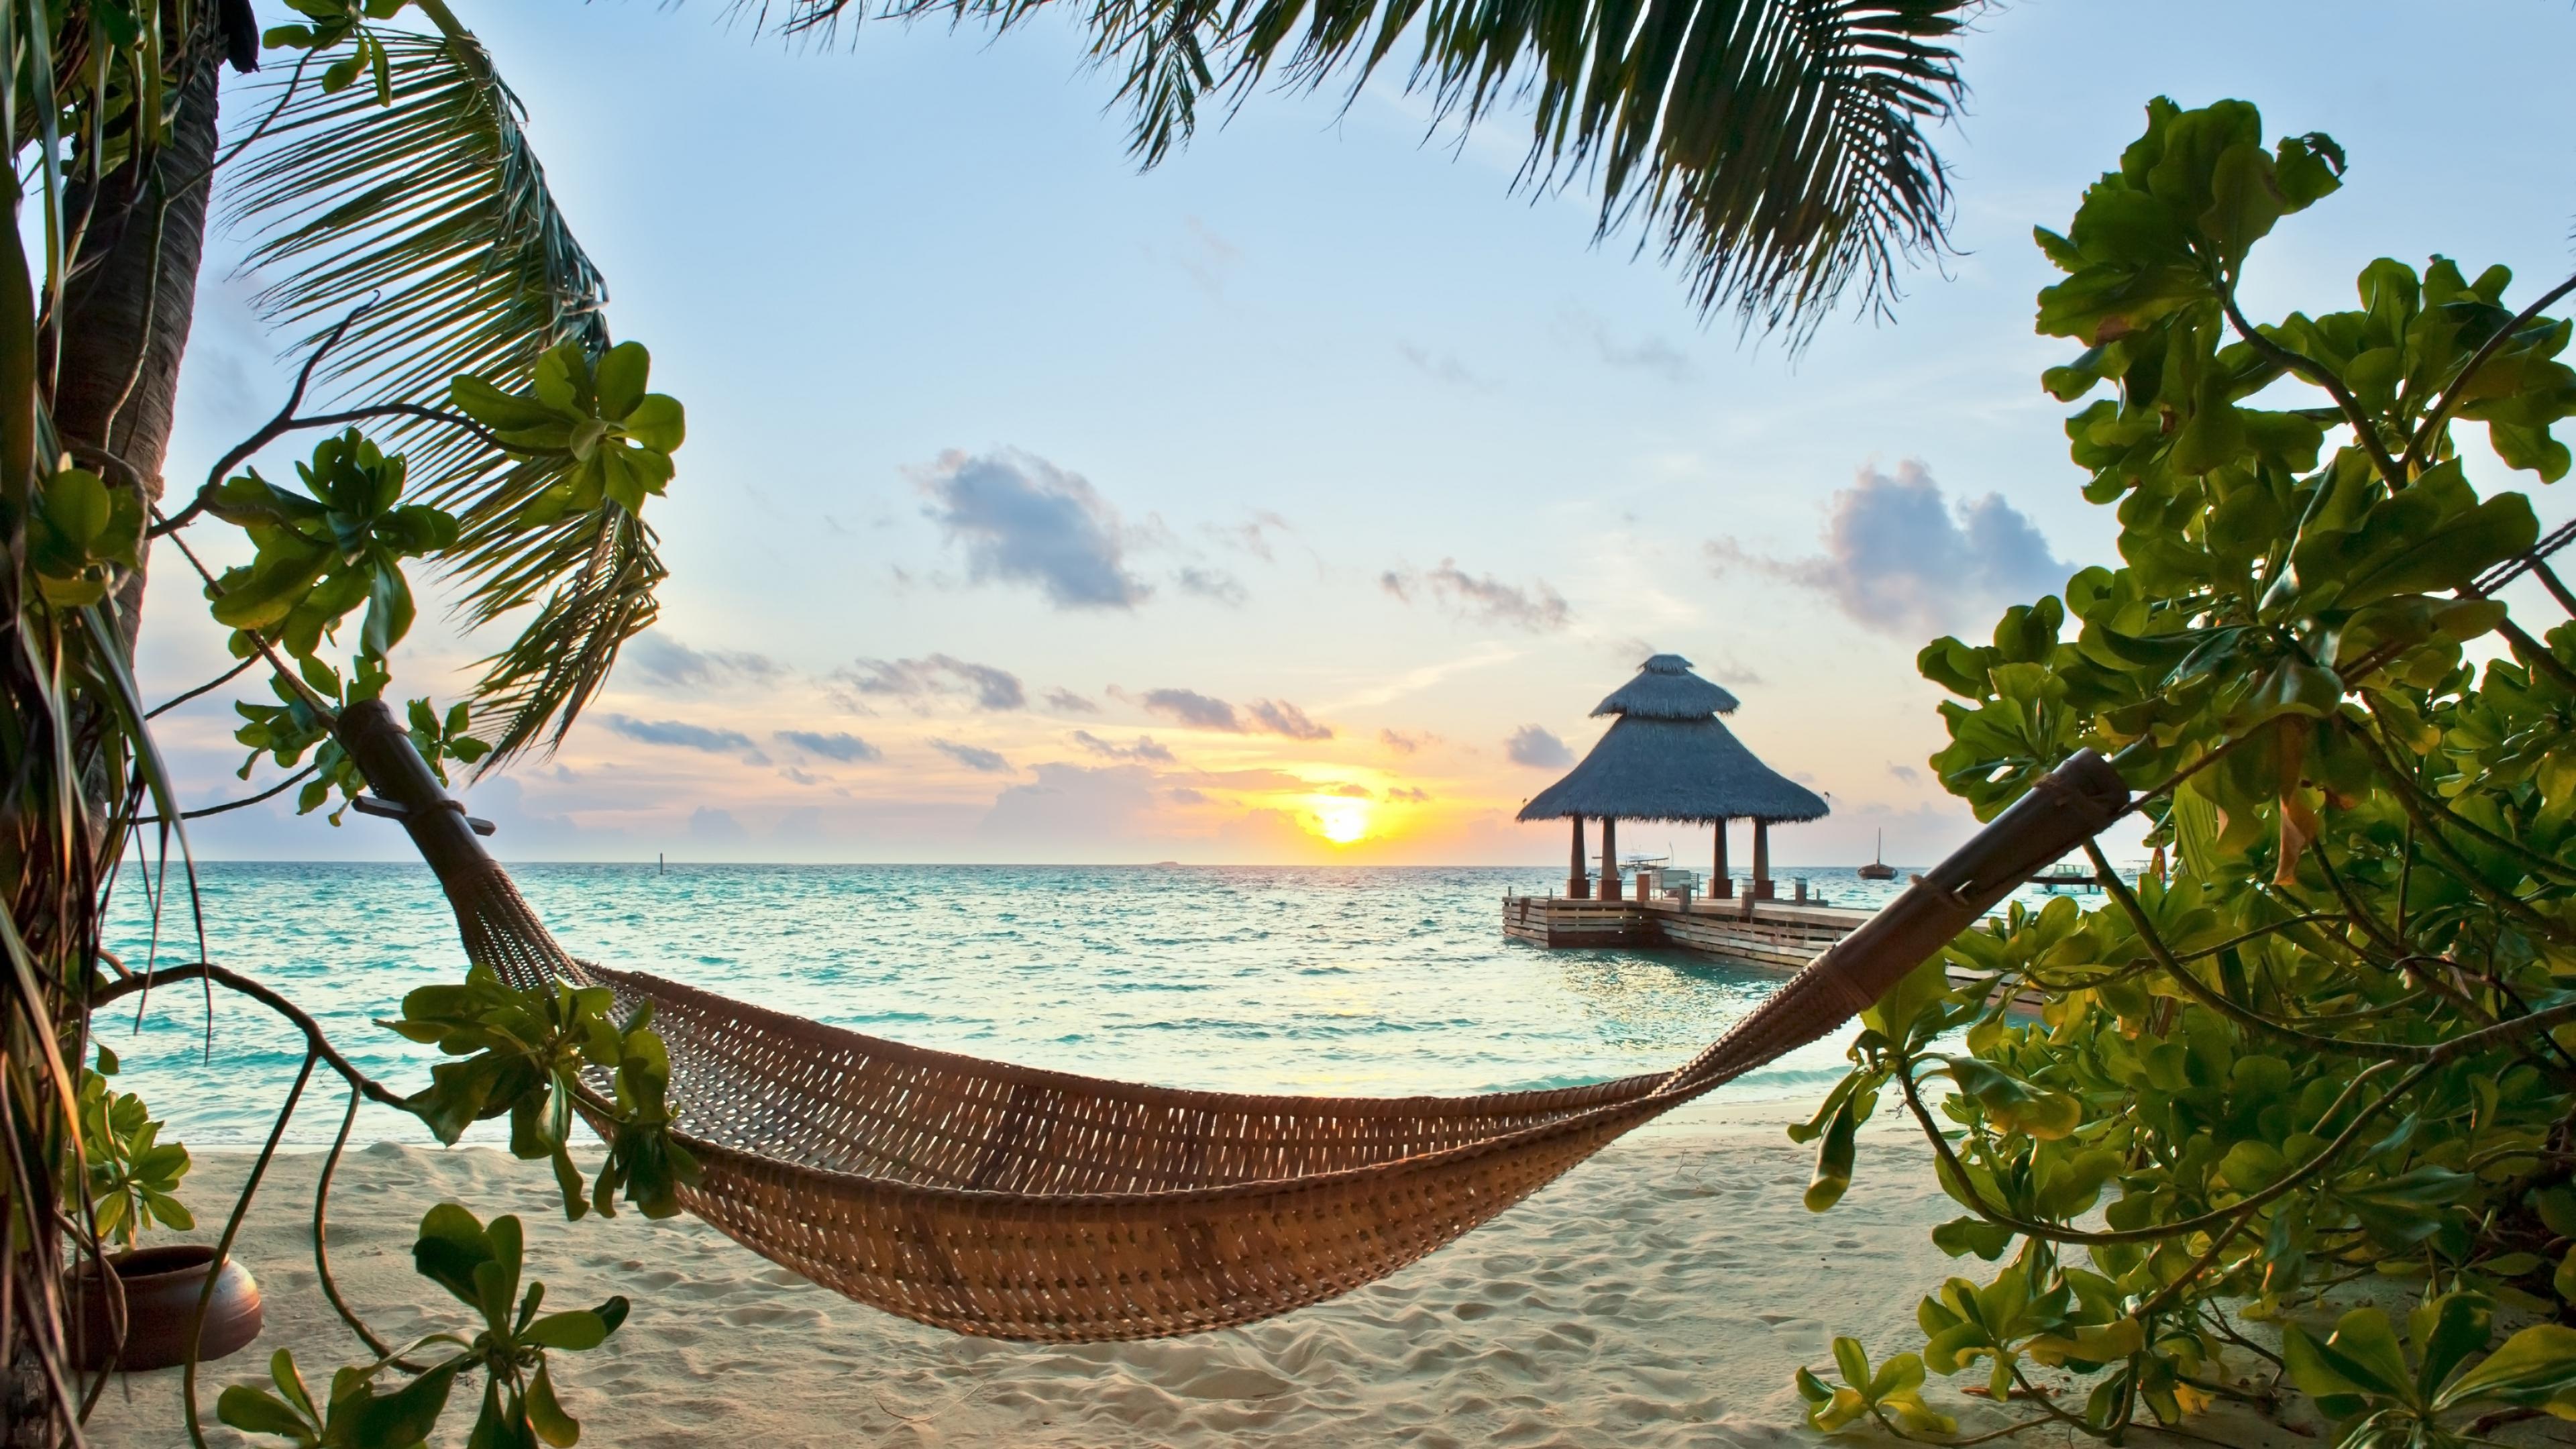 Construction Humaine Hammock Plage Coucher De Soleil Tropics Sea Fond ...